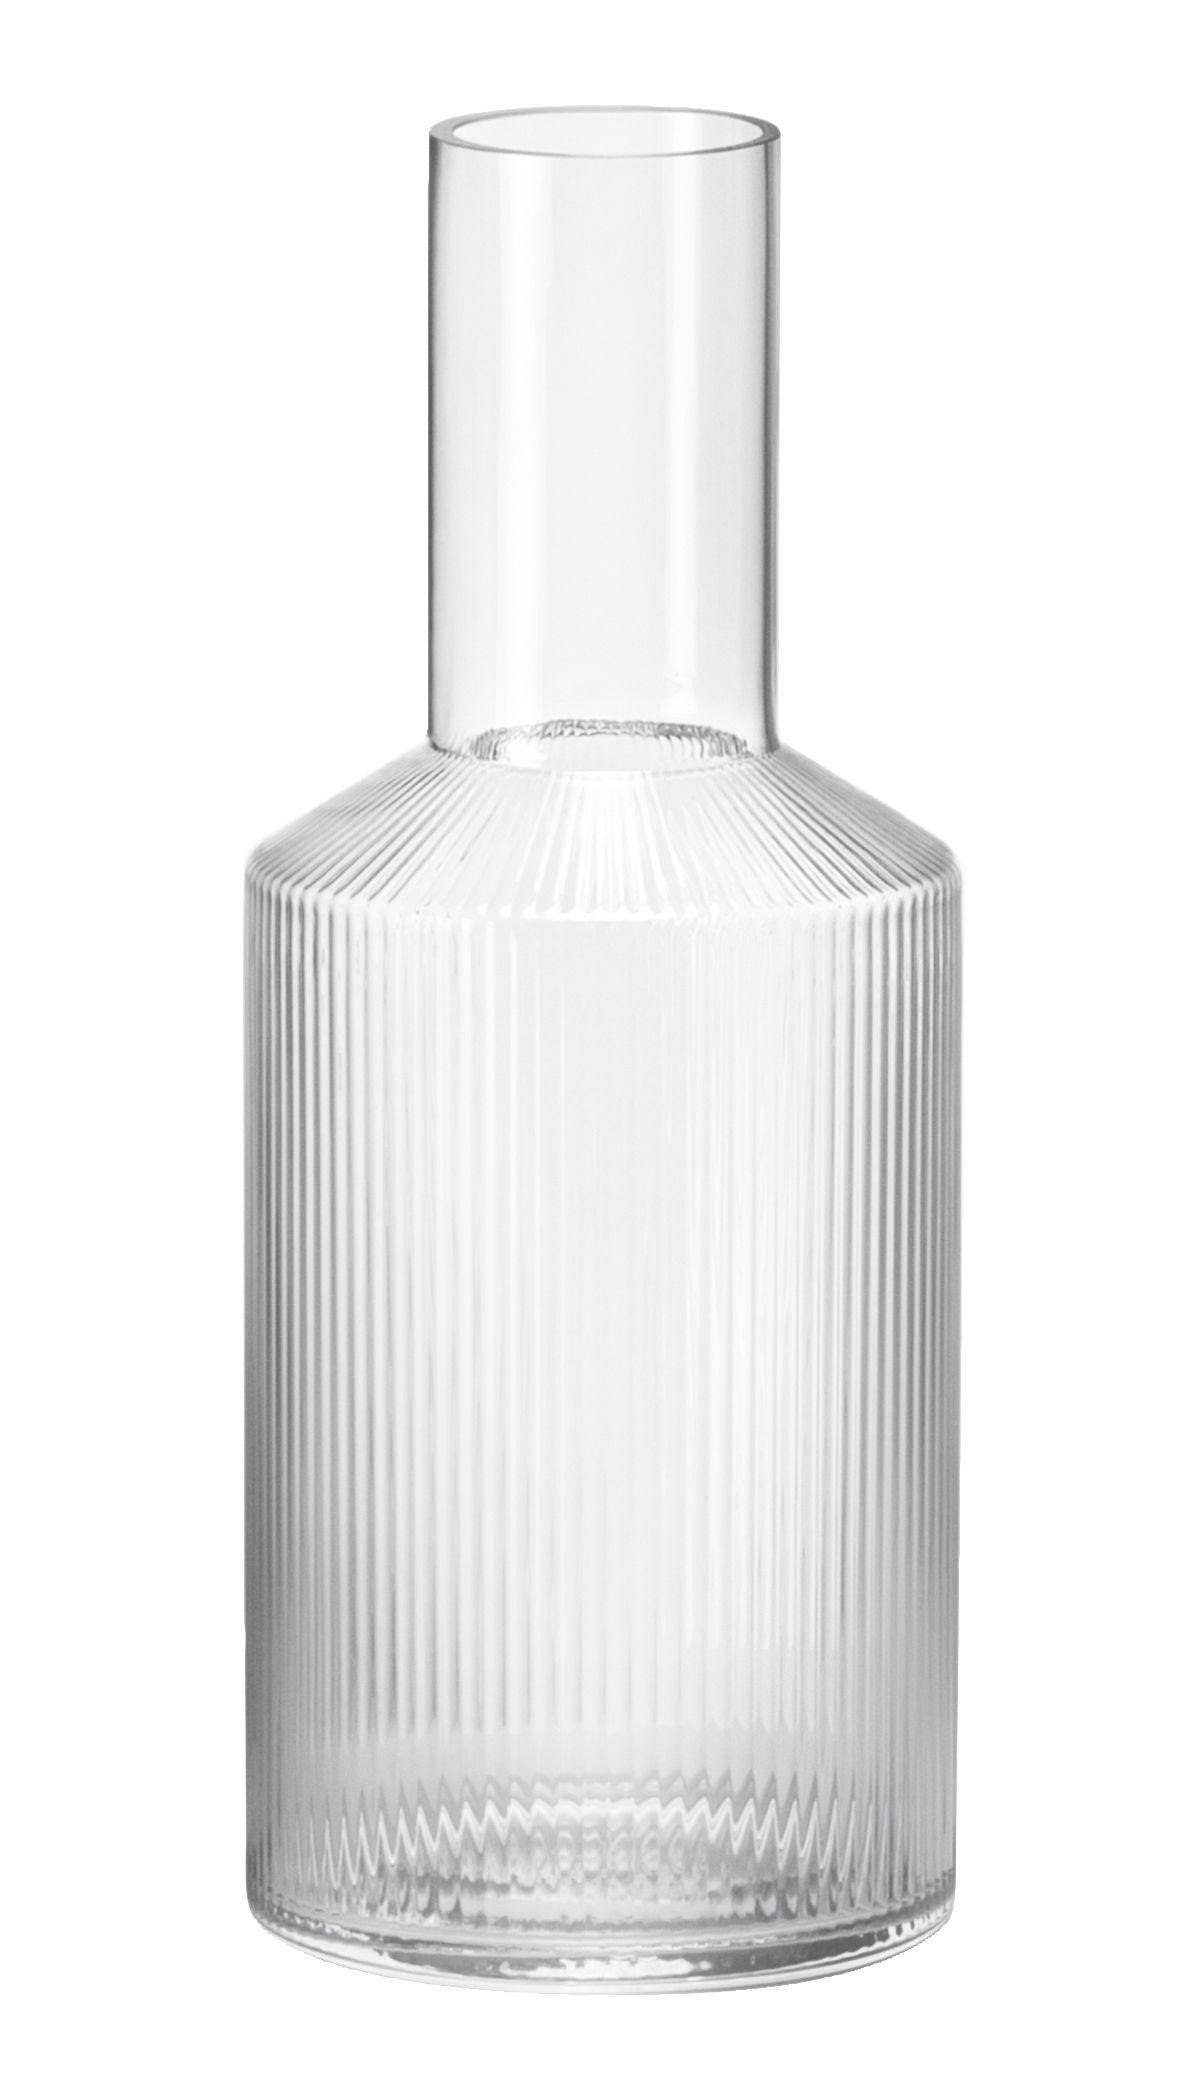 Arts de la table - Carafes et décanteurs - Carafe Ripple / 1 L - Verre soufflé bouche - Ferm Living - Transparent / Stries - Verre soufflé bouche